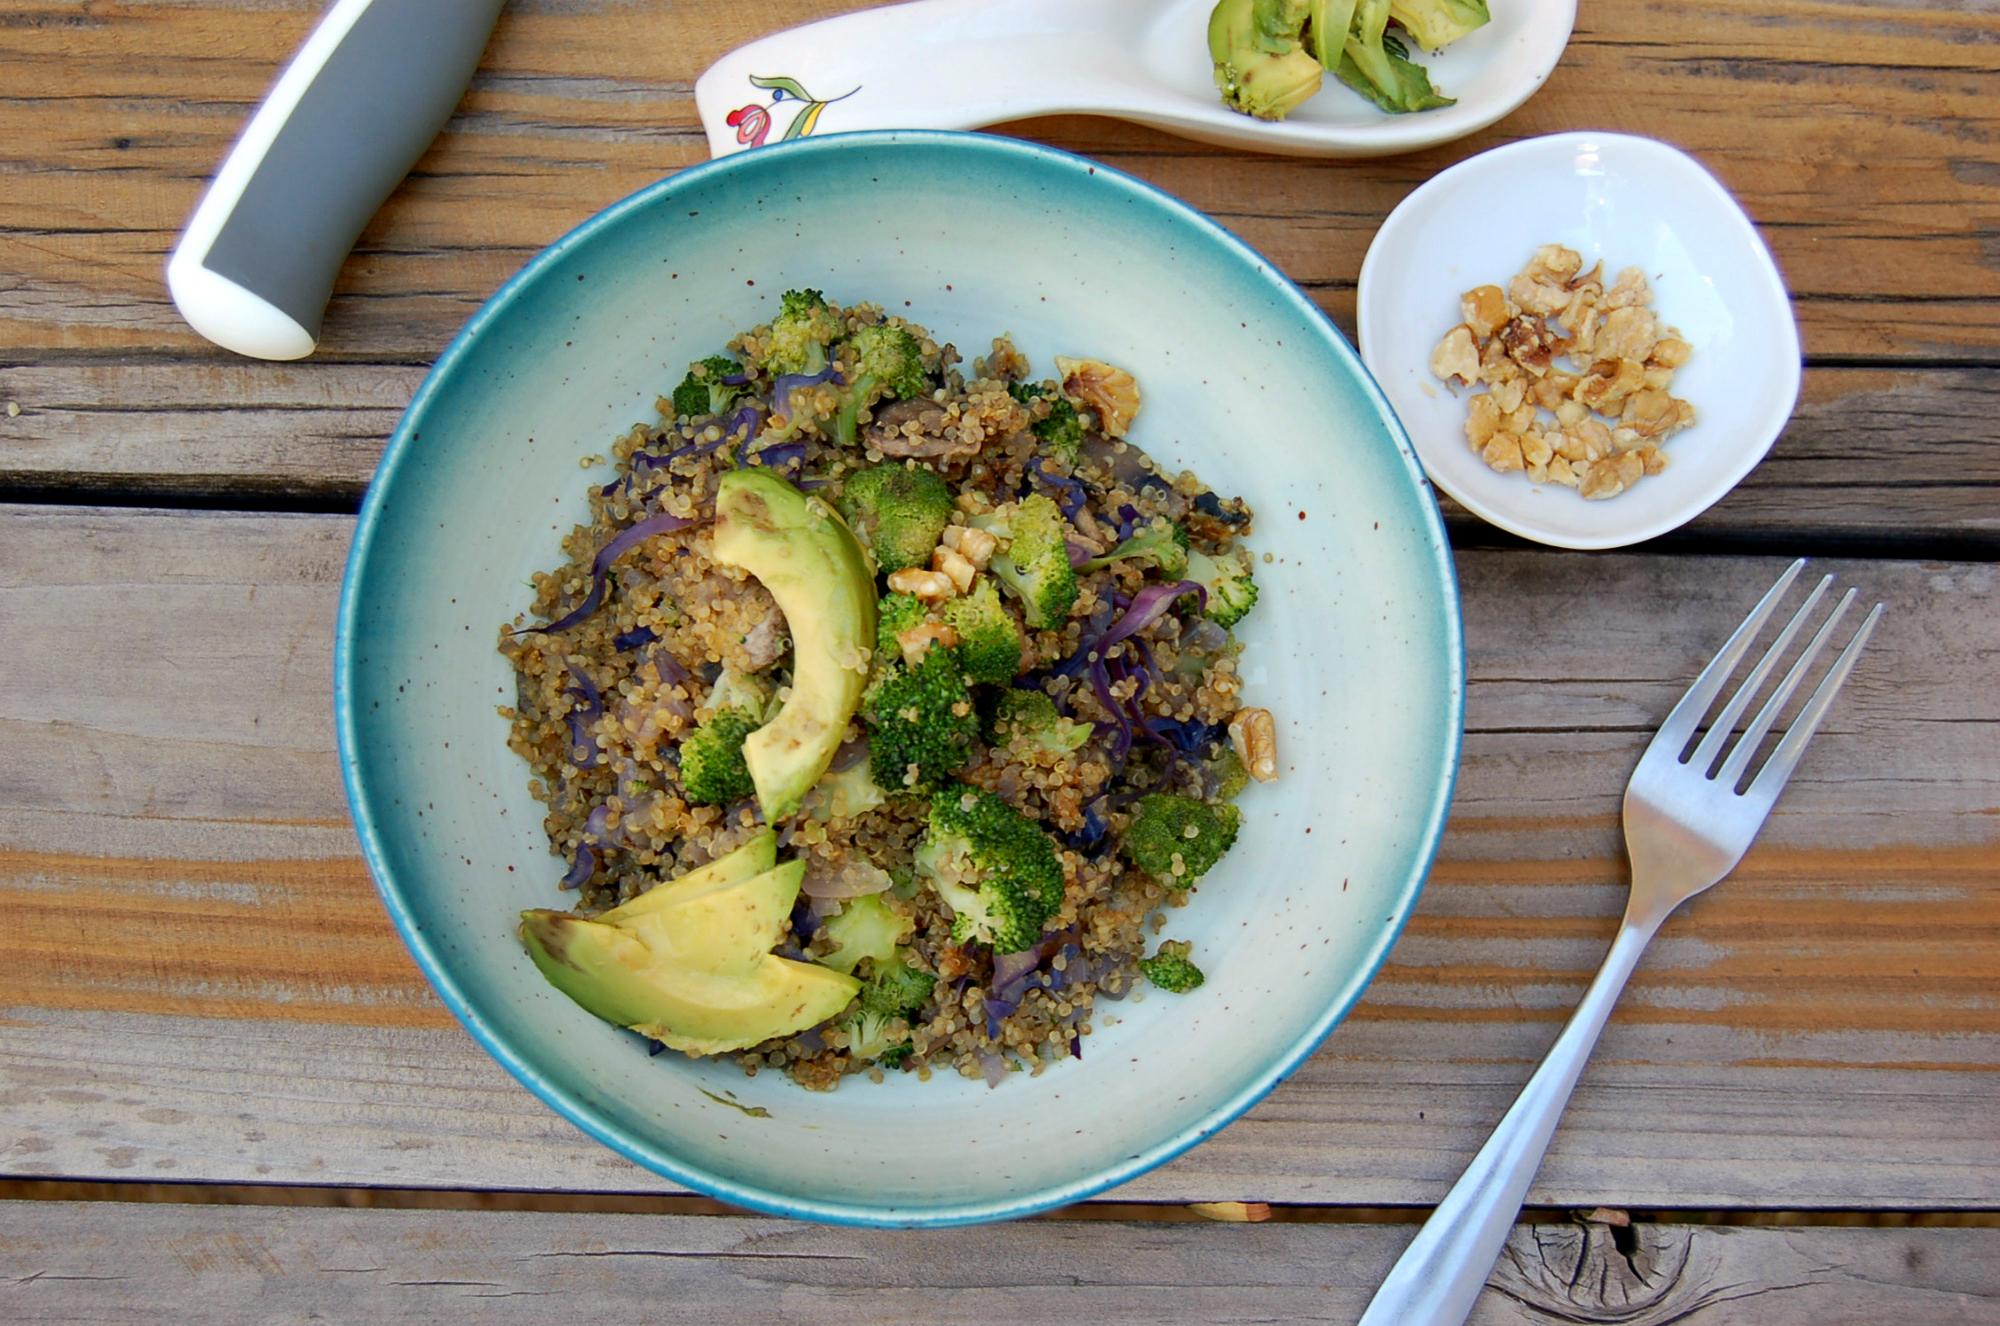 easy_quinoa_and_veggies_wood_background